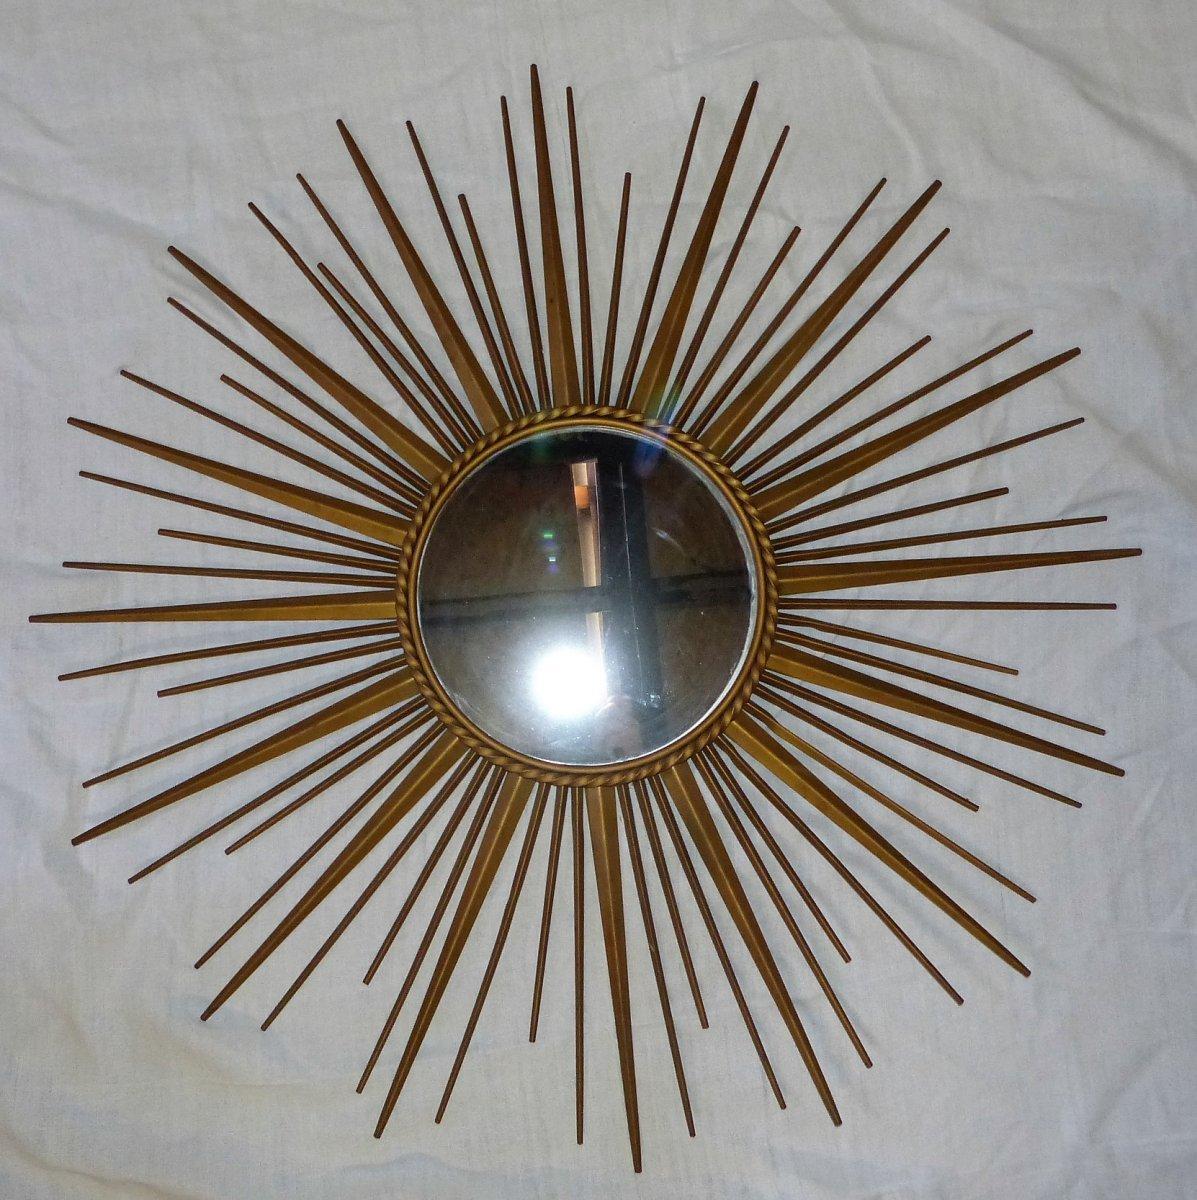 Chaty Vallauris Grand Miroir Soleil 96 cm